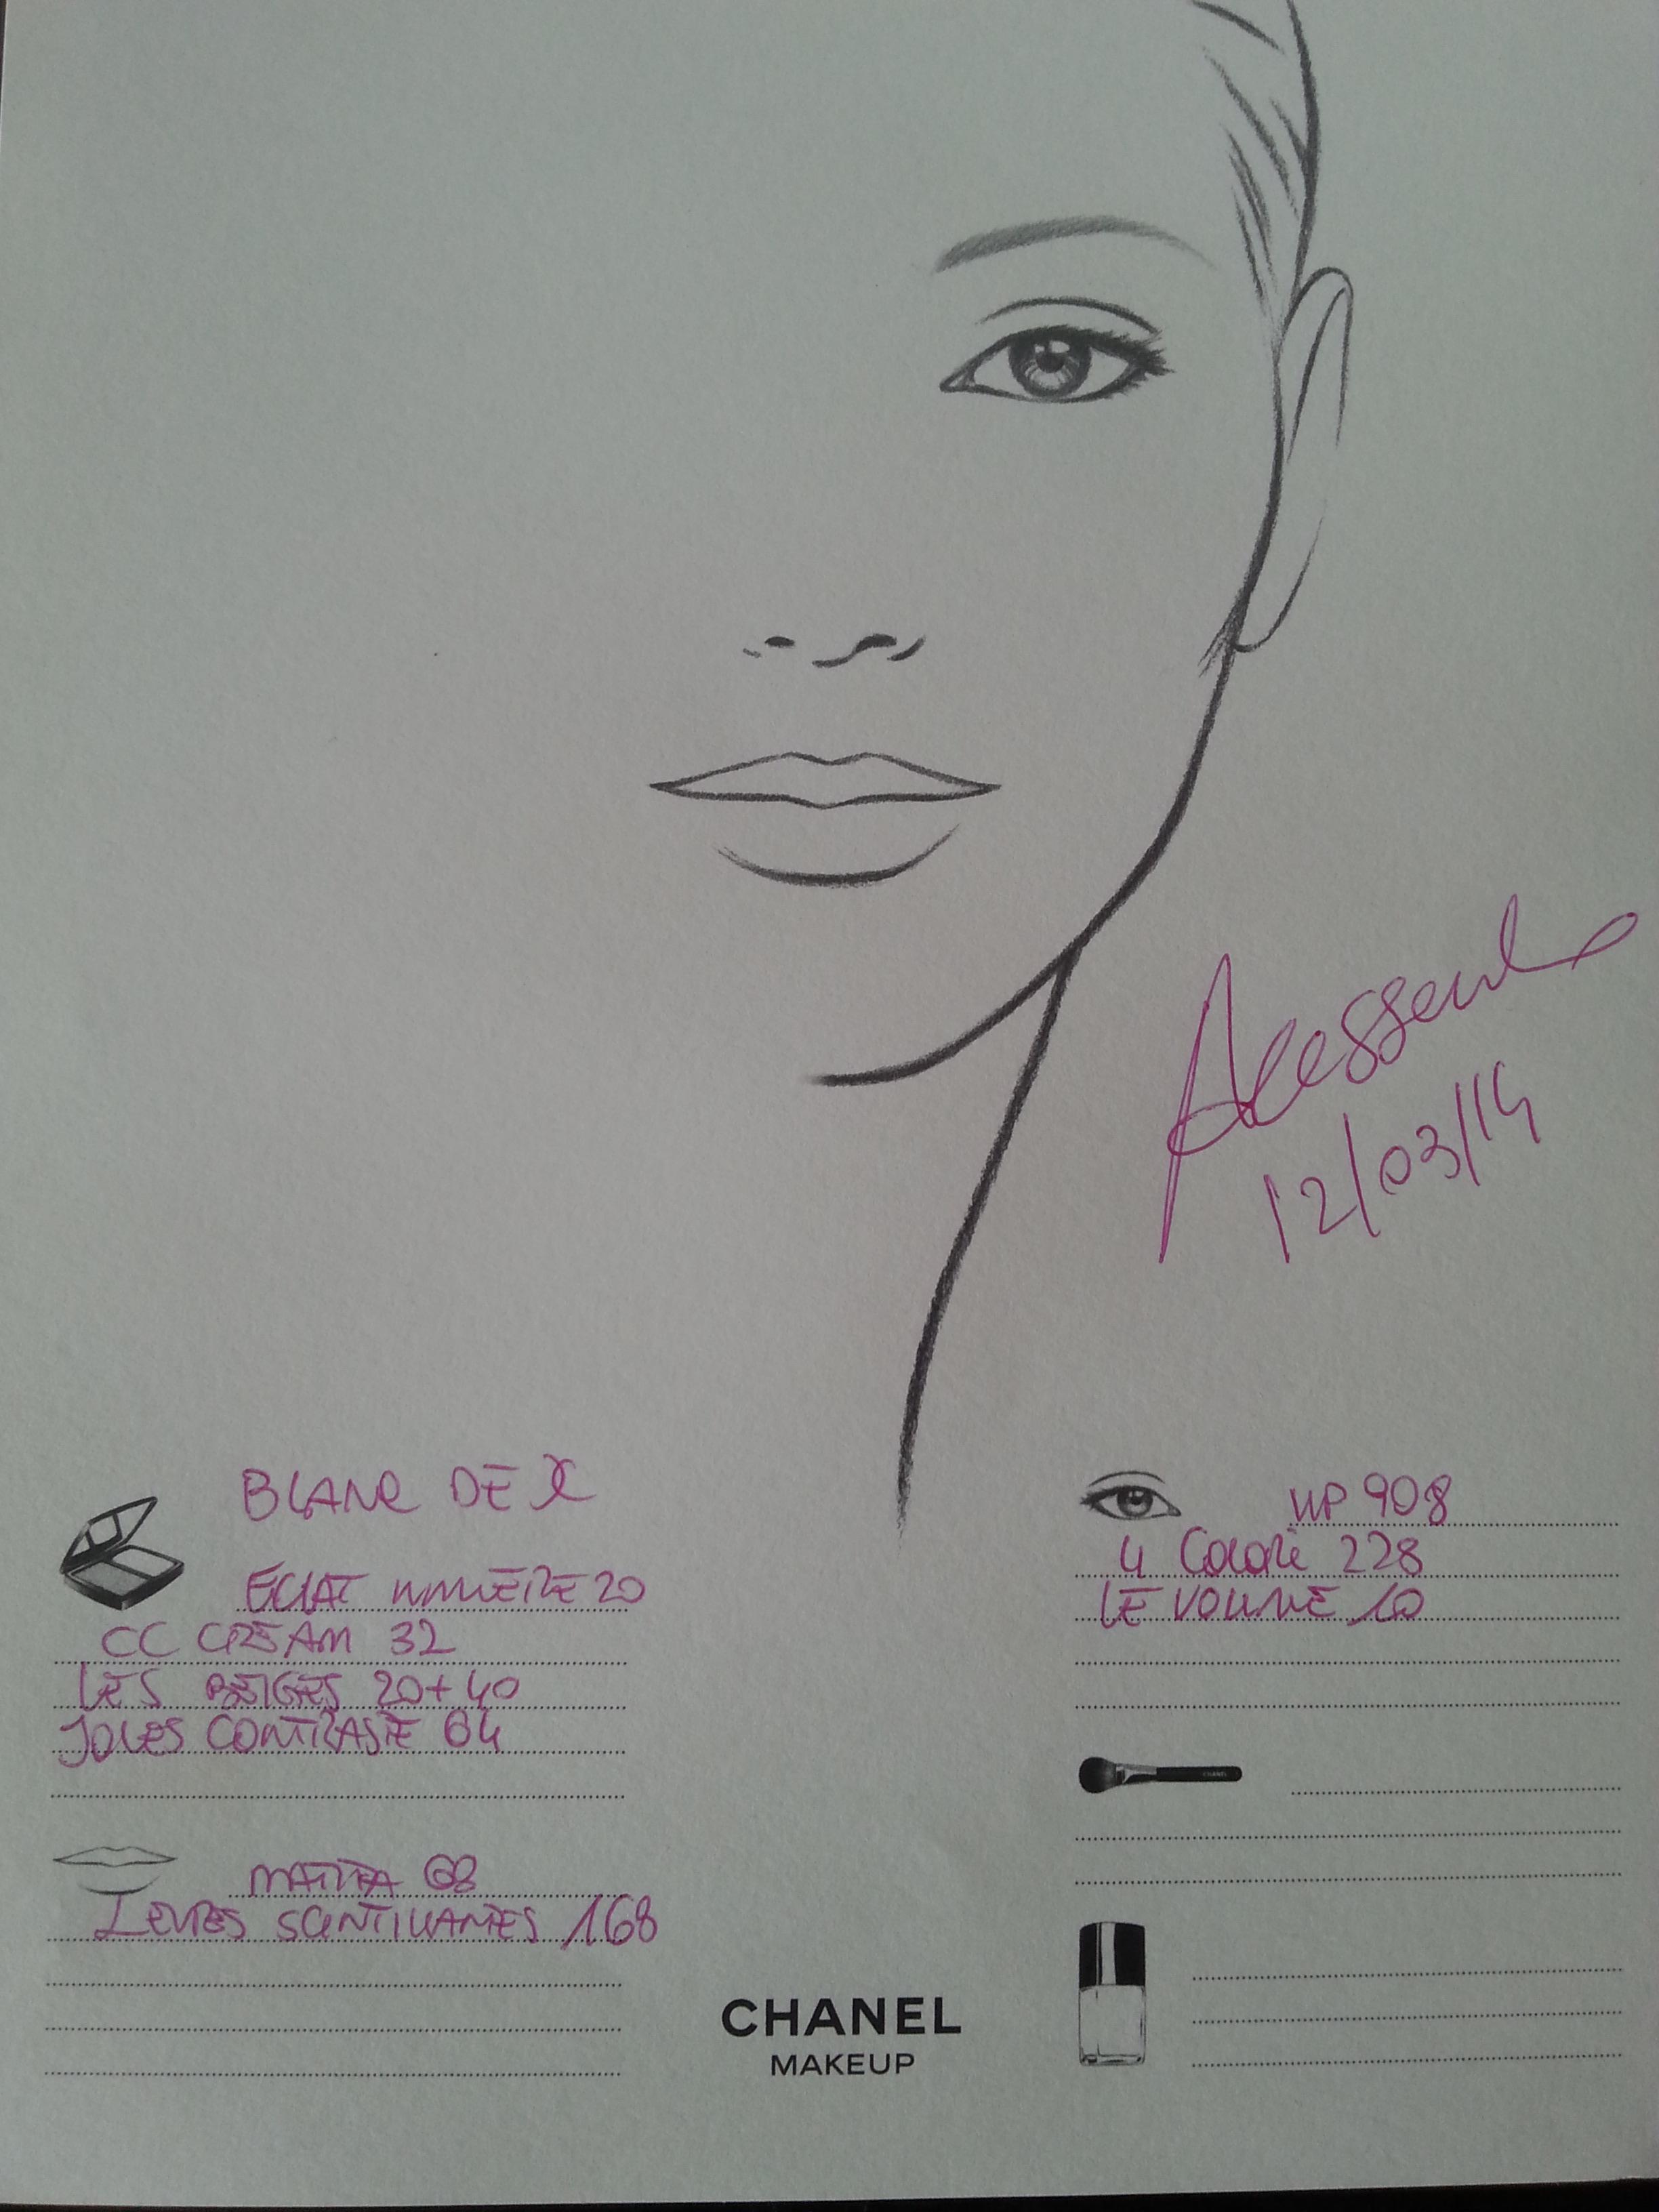 Scheda prodotti make up Chanel